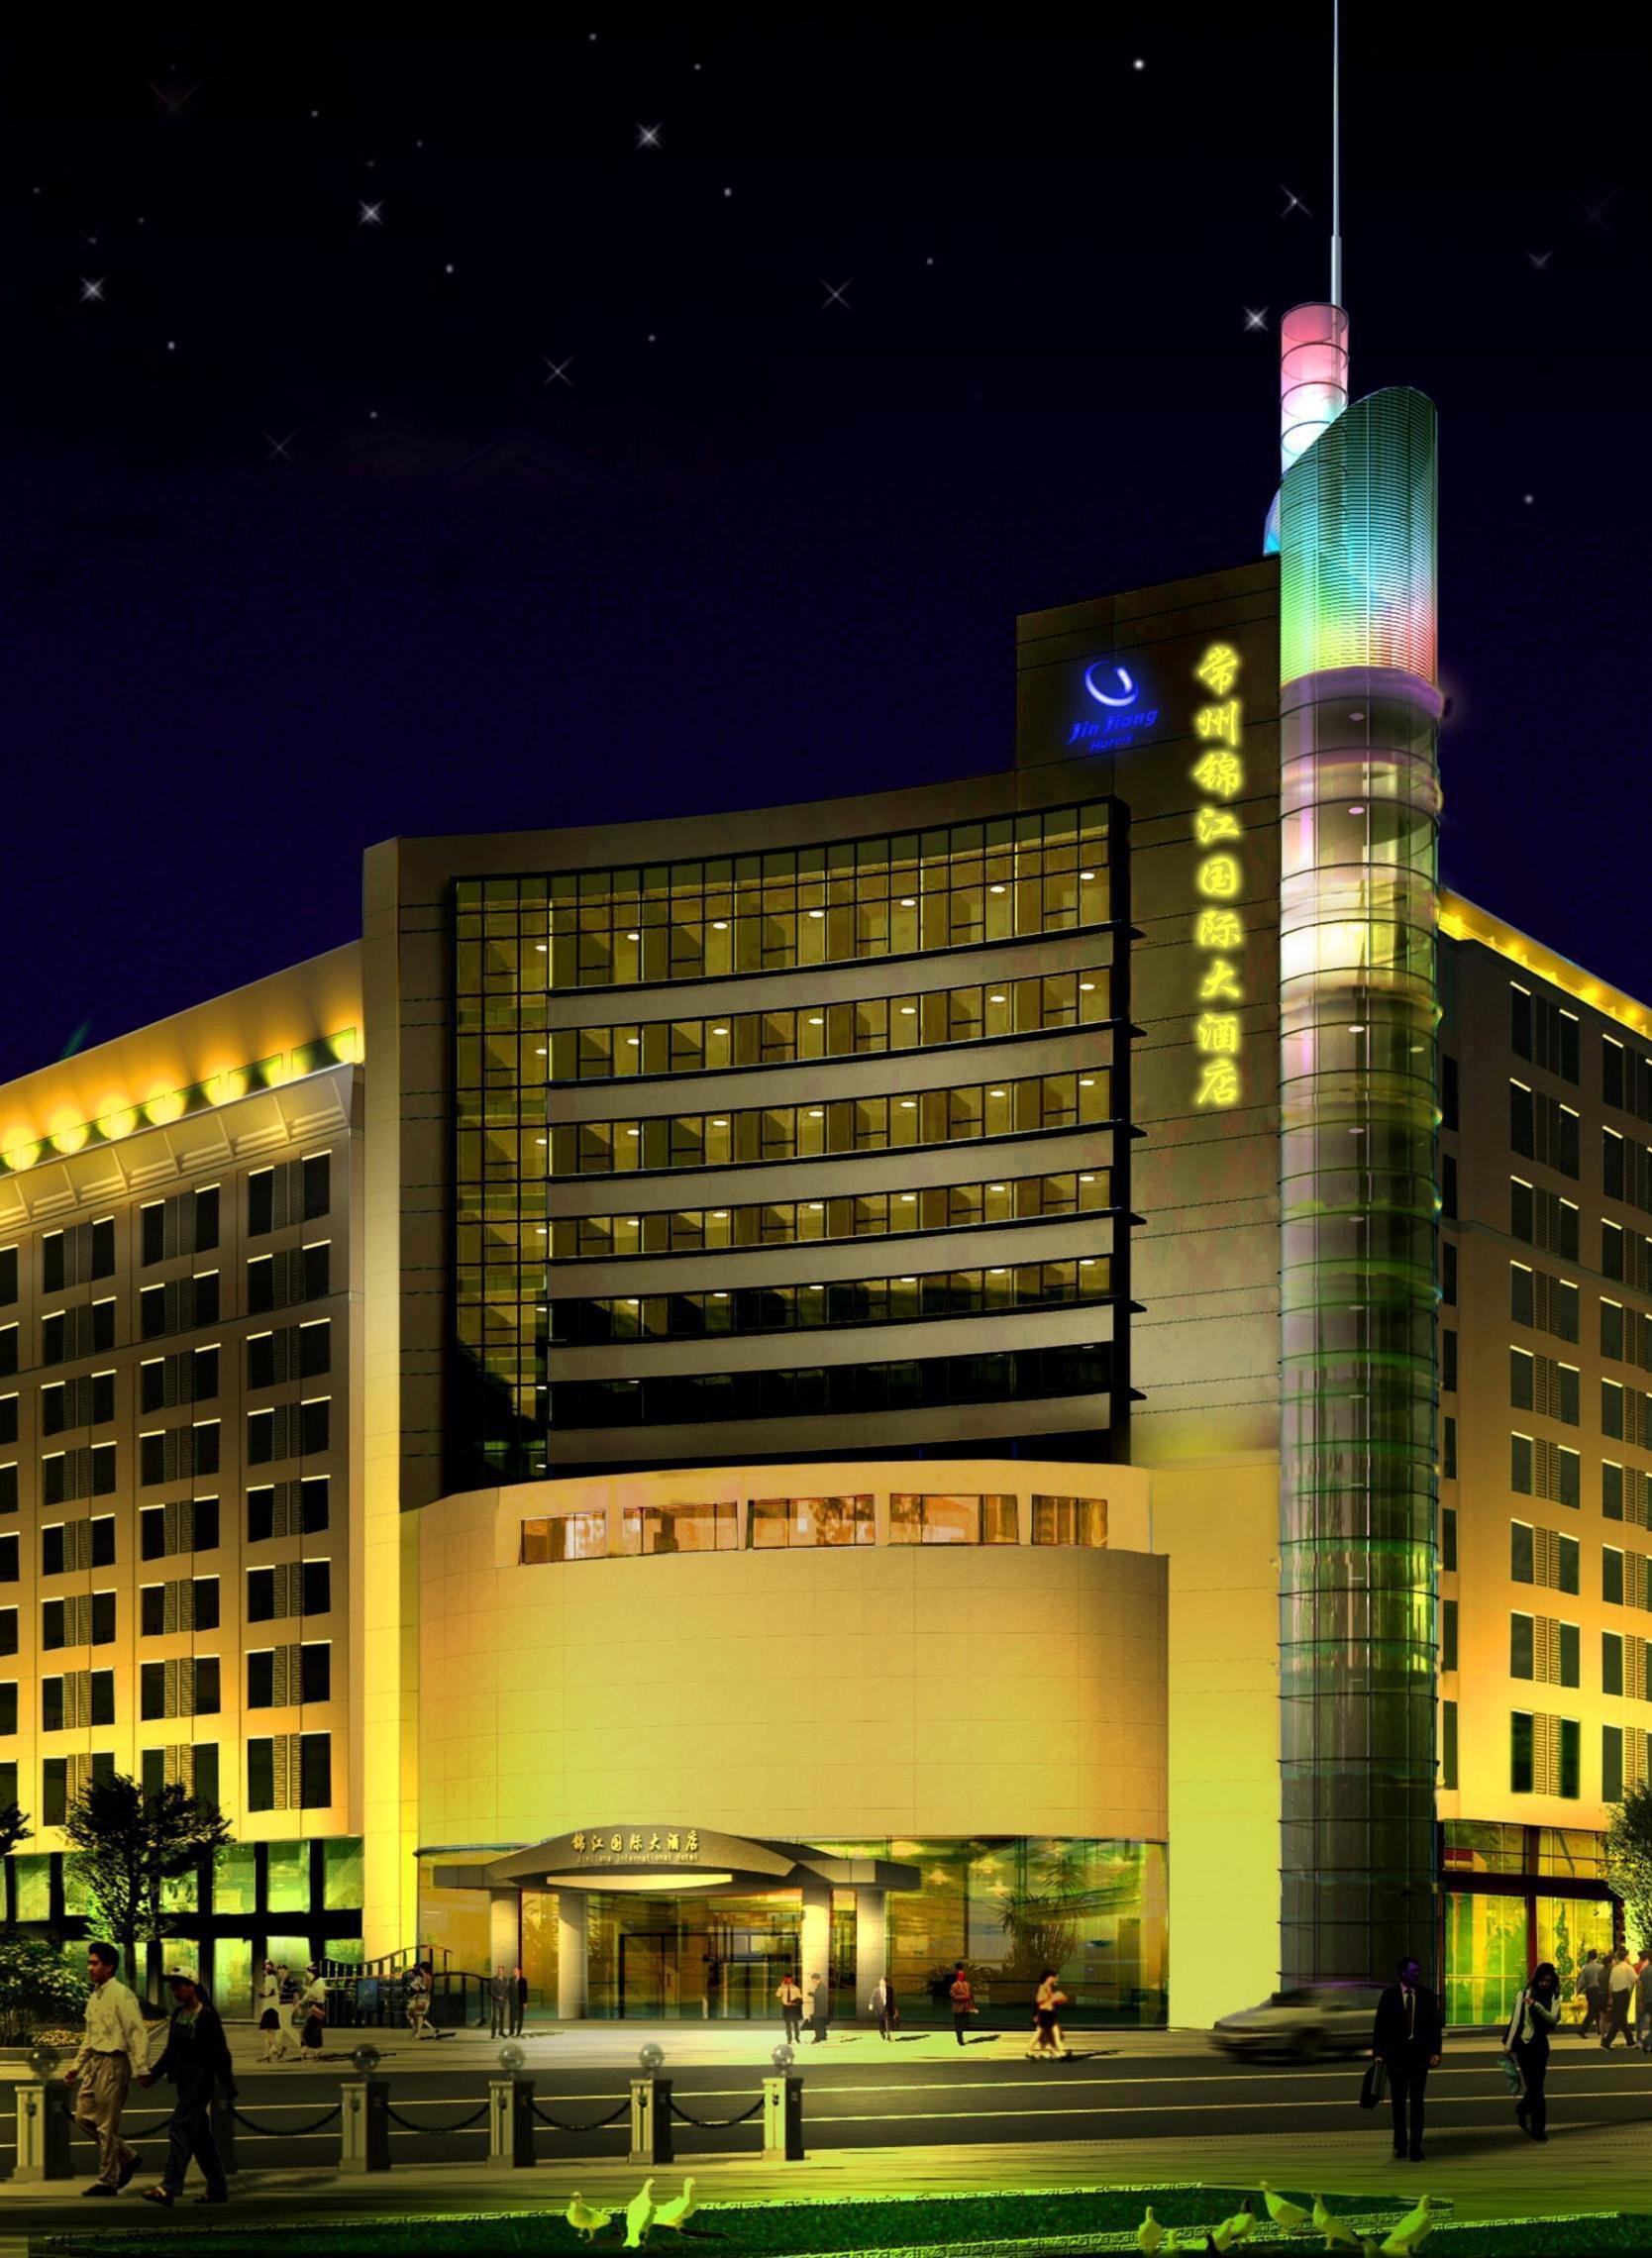 锦江国际大酒店